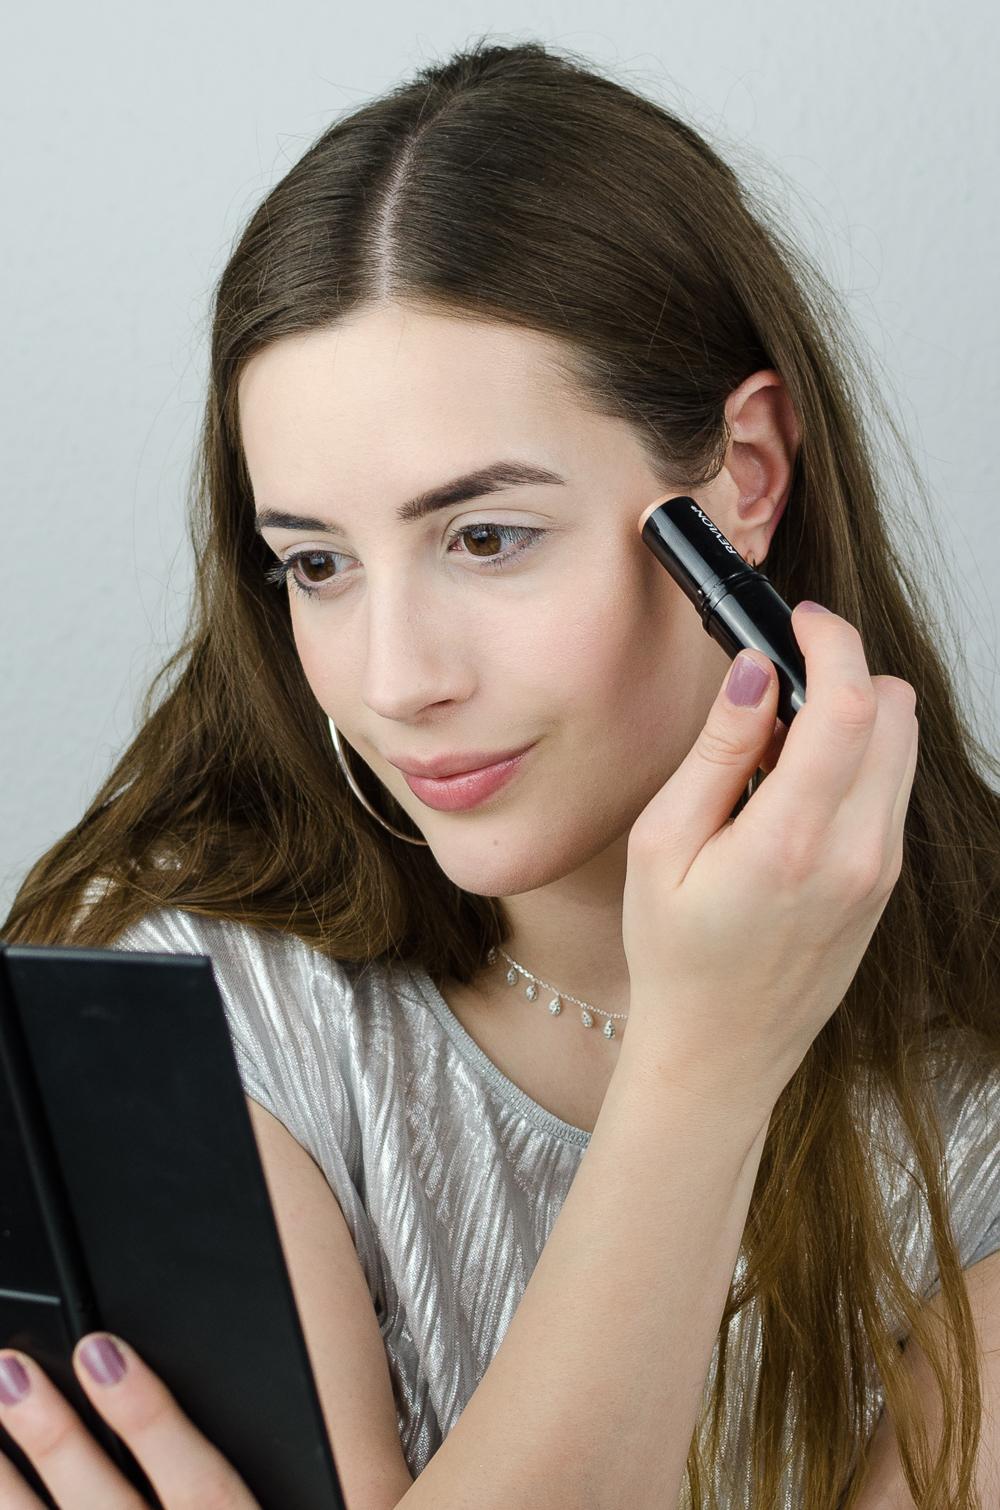 Silvester Make-Up-Revlon Make-Up-andysparkles-Beautyblog-Schmink Tutorial